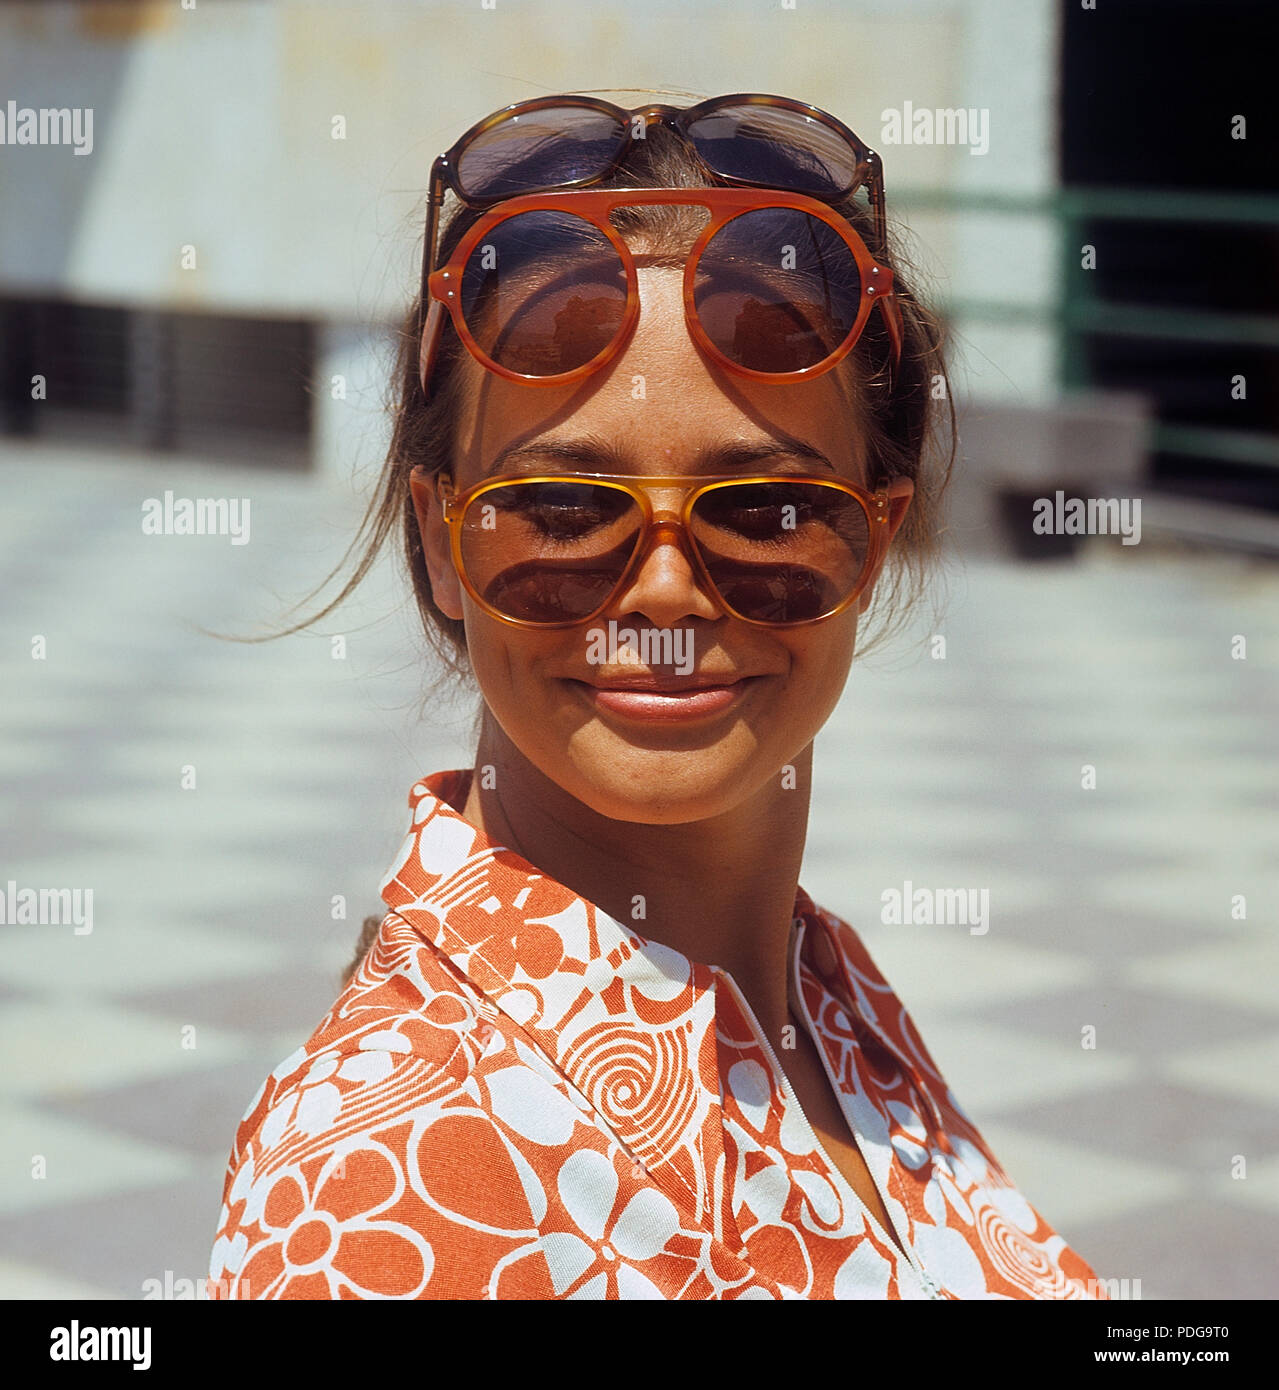 60er Jahre Brille. Sommer 69. Die junge weibliche Mode Model trägt diese Jahre Modelle von Sonnenbrillen und Accessoires. 1969 ref CV 25-12 Stockbild